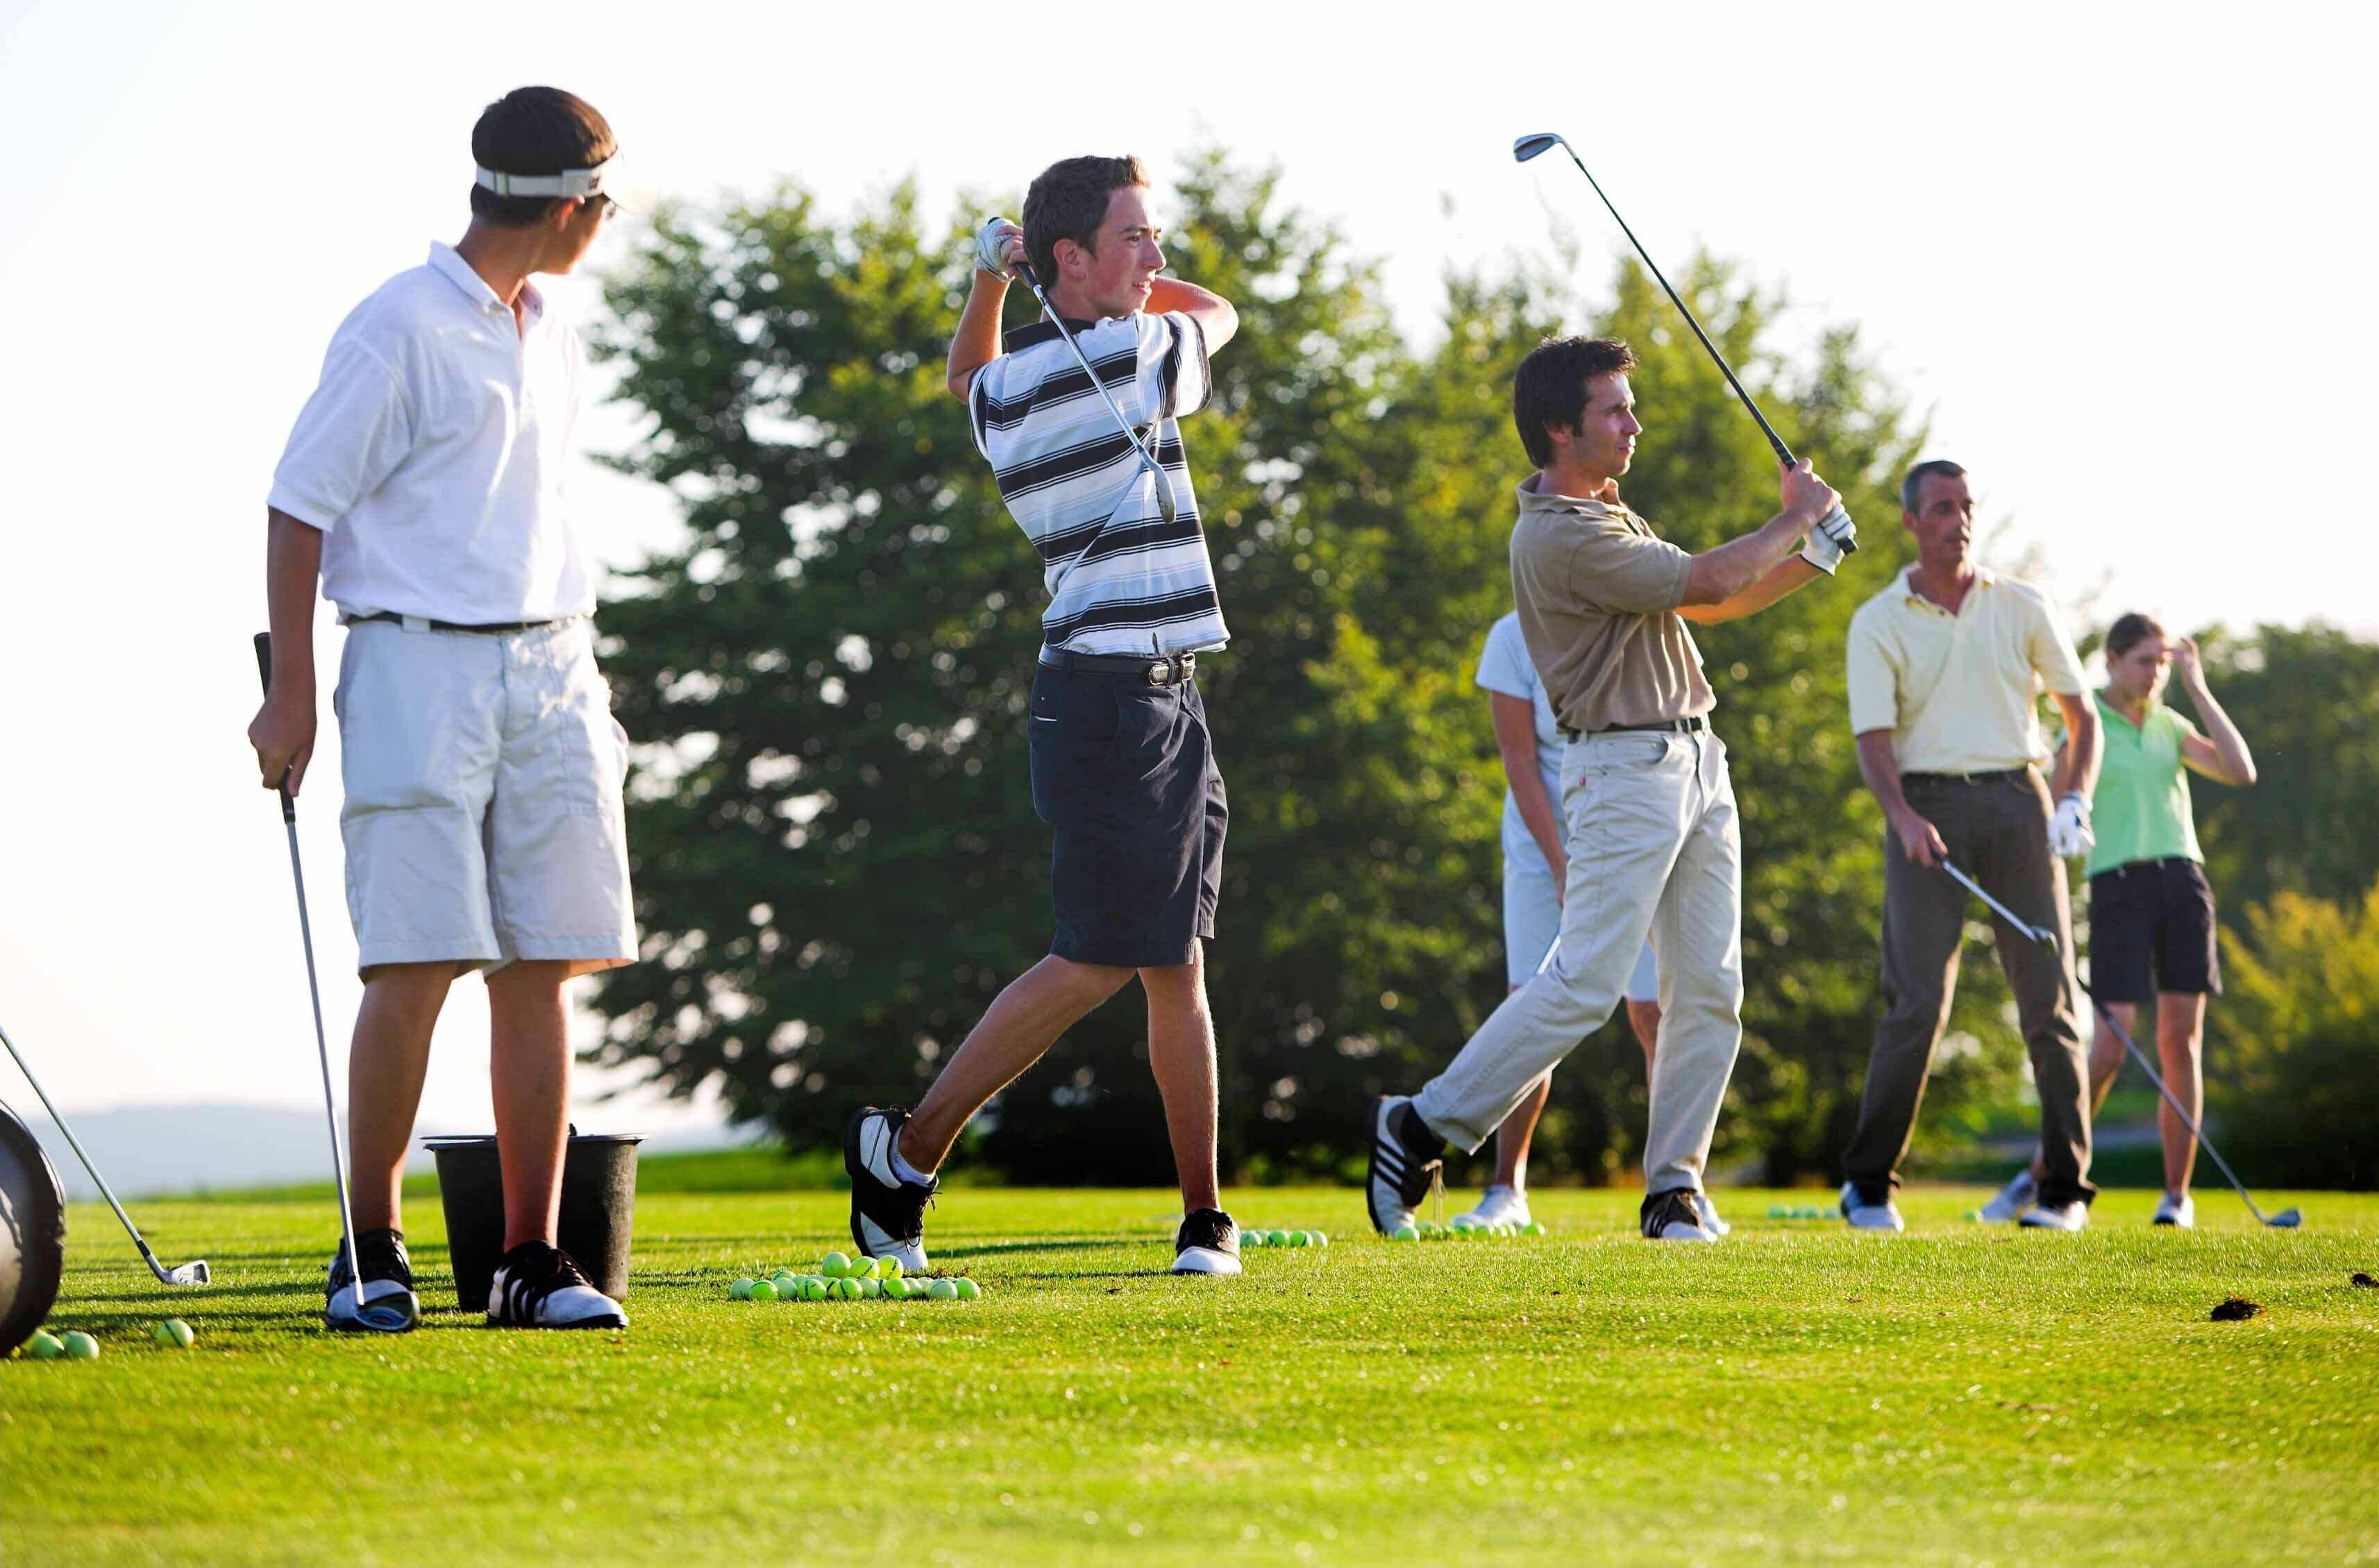 Richtig Golf spielen und lernen